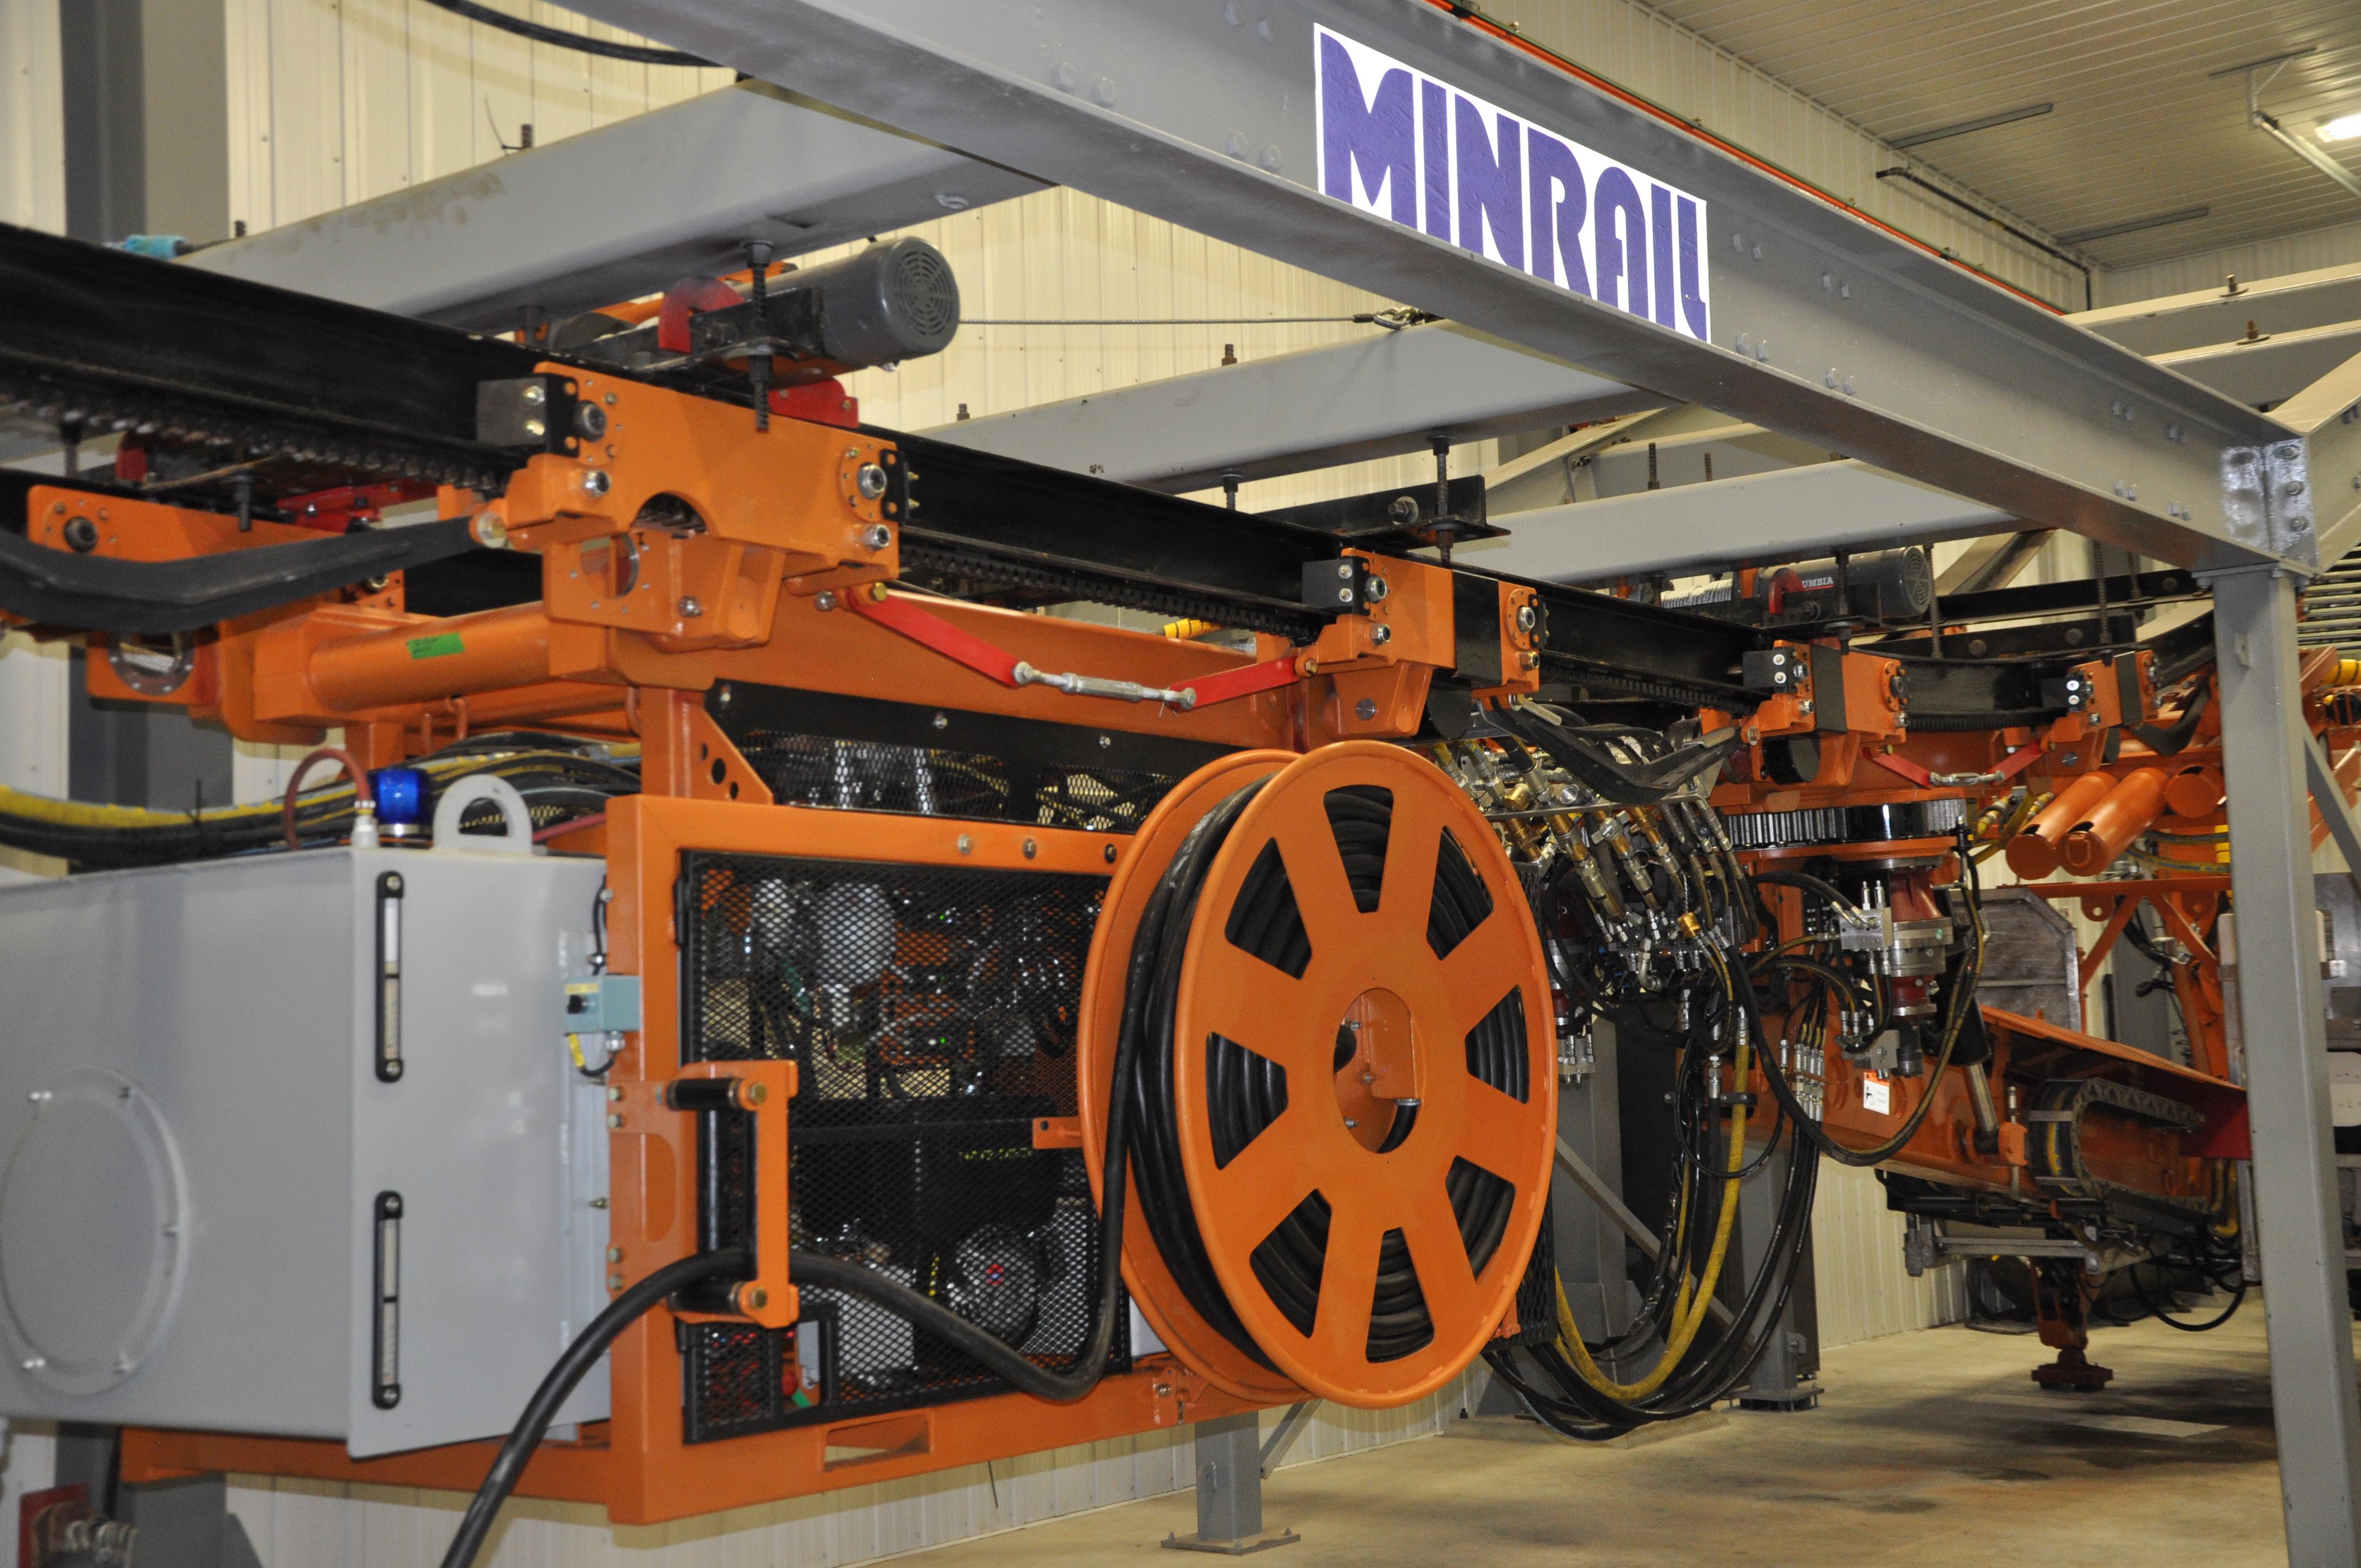 Minrail